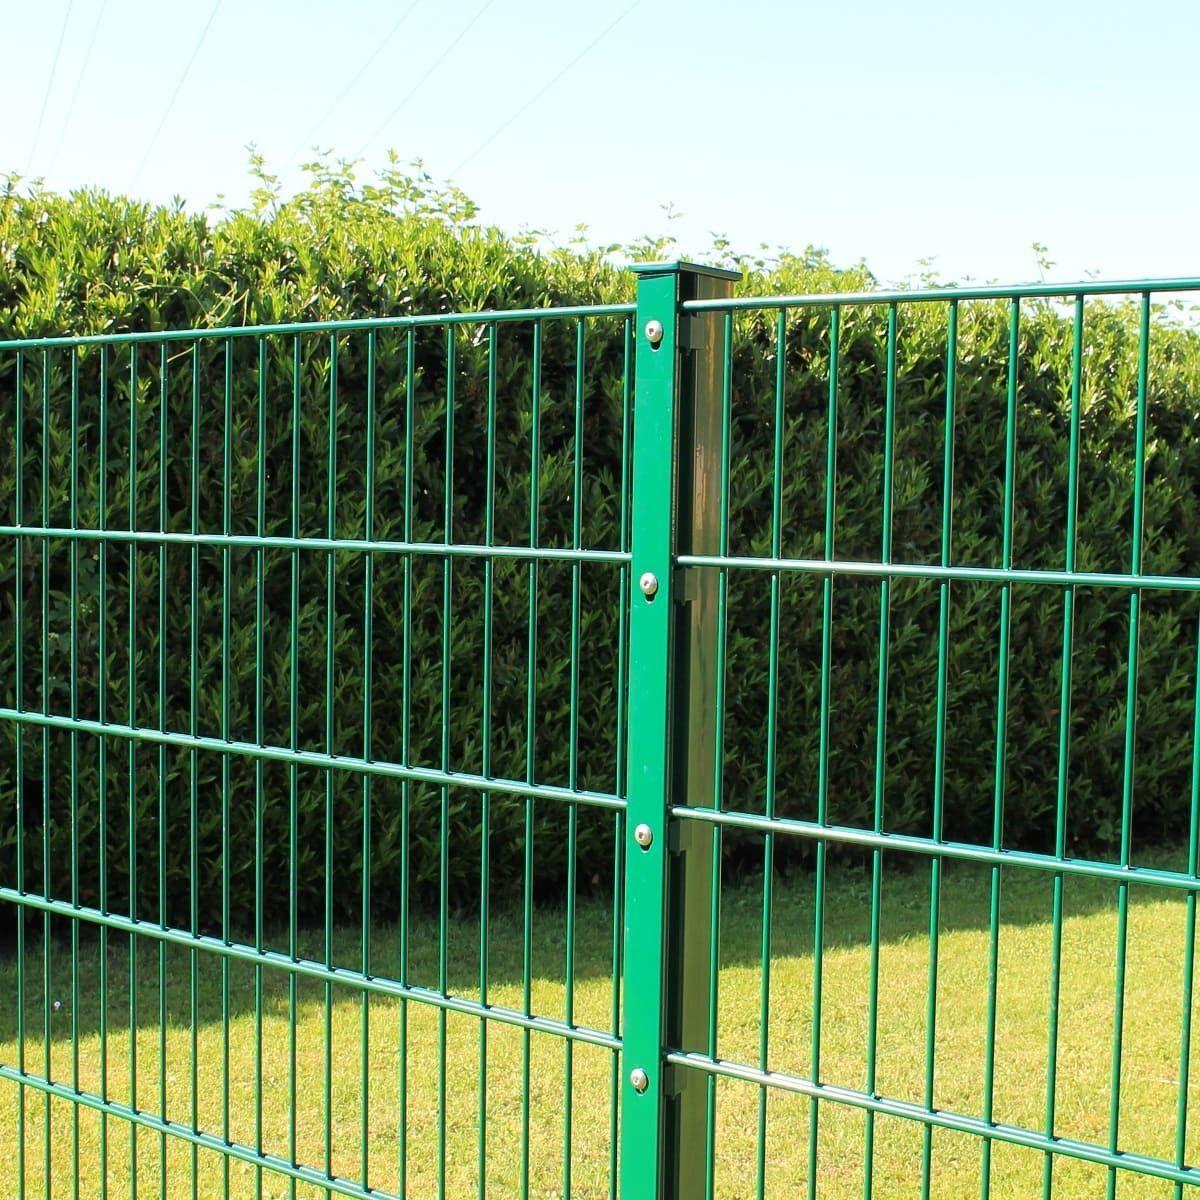 Luxus 42 Zum Legi Zaun Sichtschutz In 2020 Zaun Sichtschutz Zaune Metall Zaun